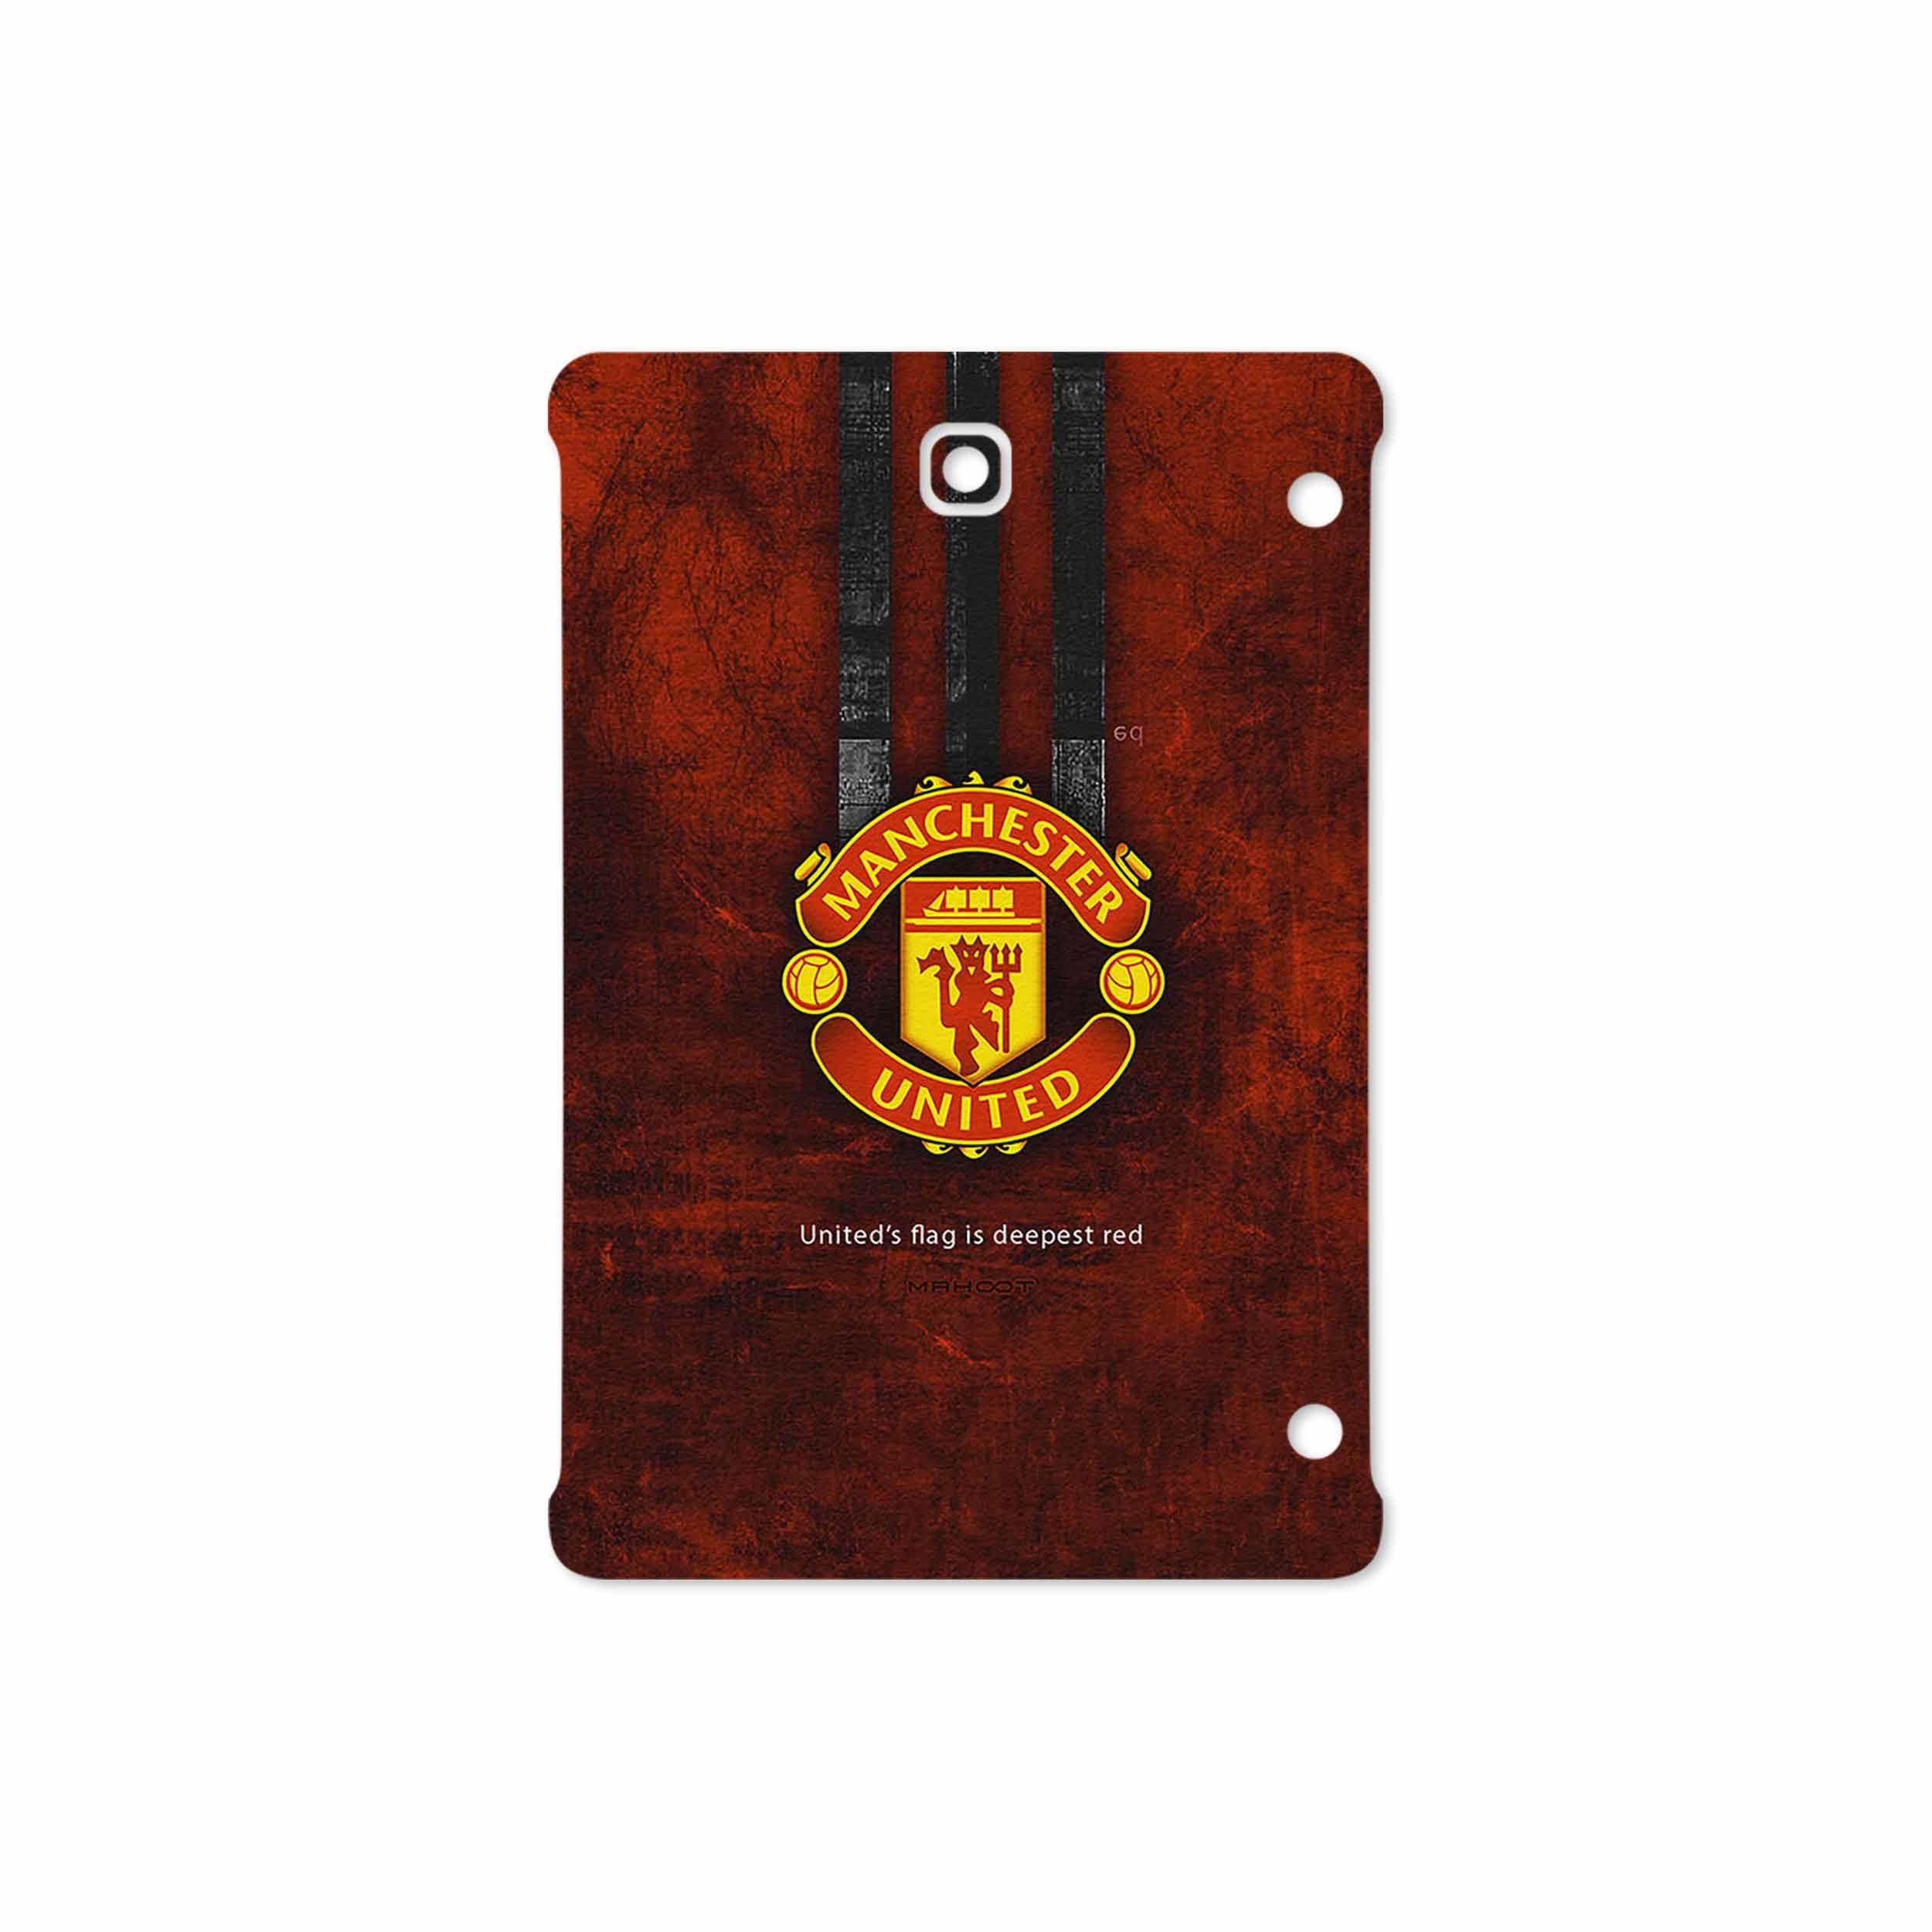 بررسی و خرید [با تخفیف]                                     برچسب پوششی ماهوت مدل Manchester-United مناسب برای تبلت سامسونگ Galaxy Tab S2 8.0 2016 T719N                             اورجینال